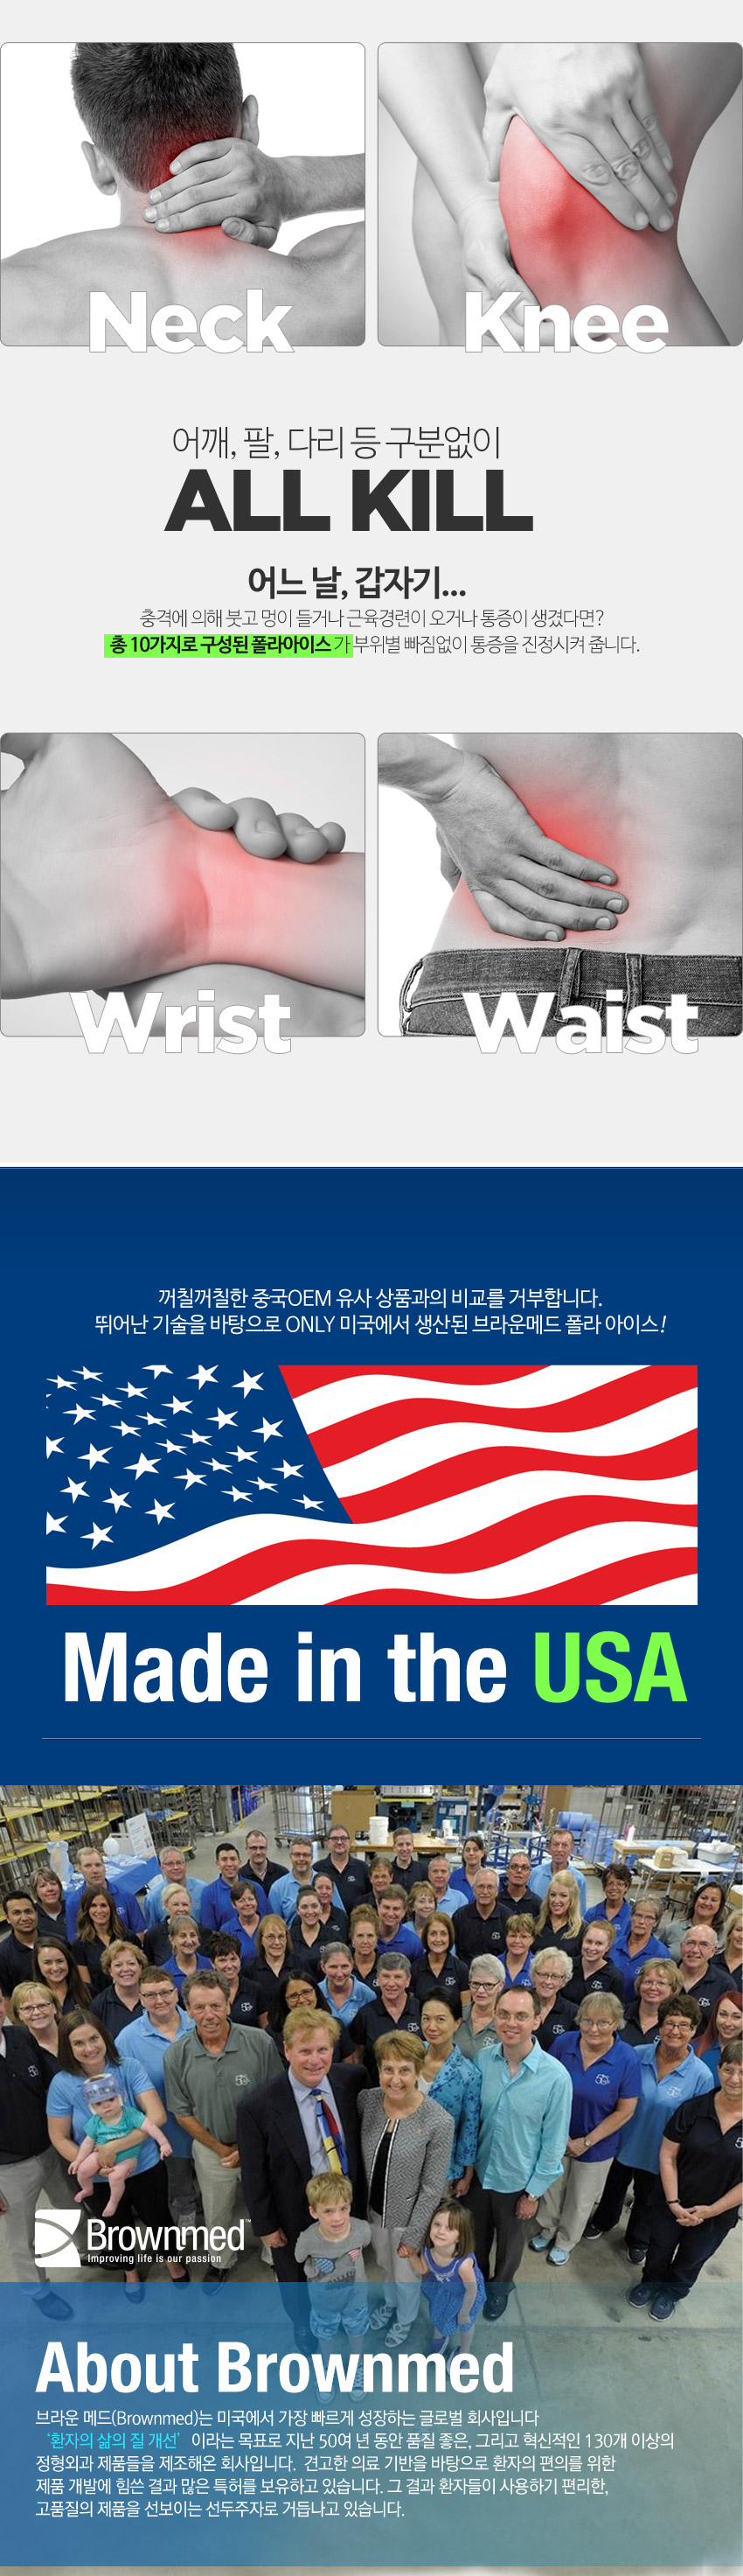 브라운메드 폴라아이스 무릎 통증 냉찜질 재활치료CPM - 폴라아이스, 67,300원, 생활잡화, 생활소모품